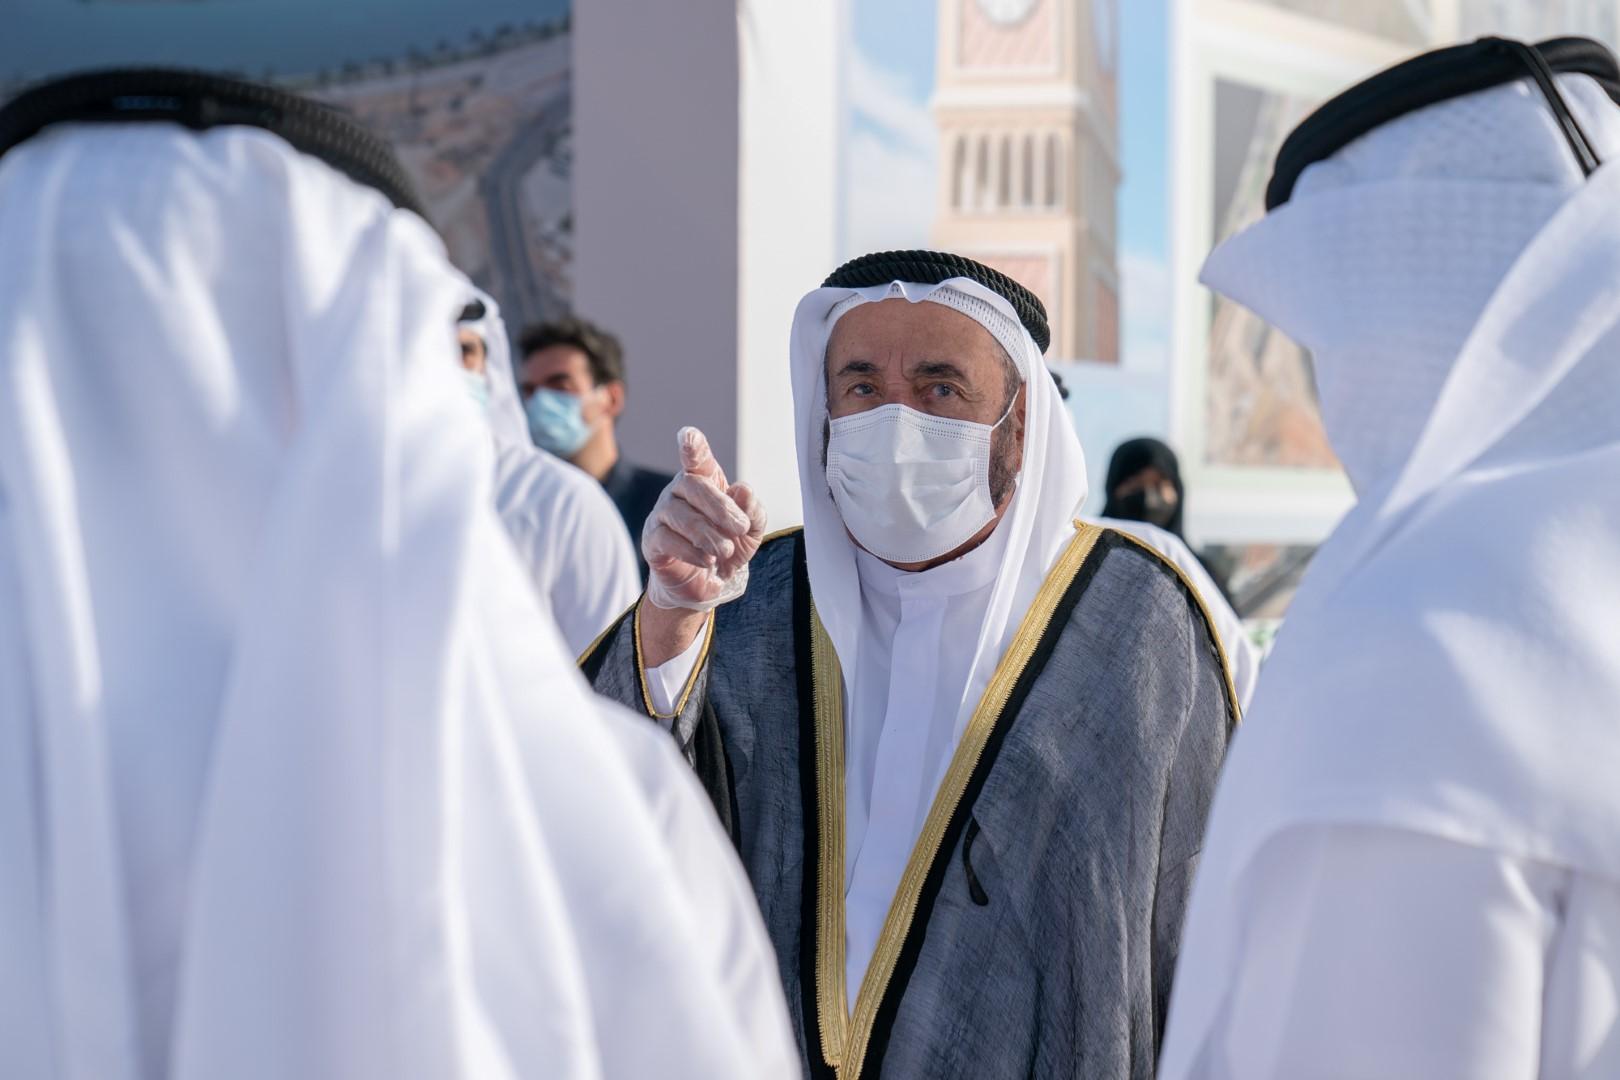 حاكم الشارقة يضع حجر الأساس لميدان برج الساعة ويطلع على أعمال تطوير شارع الوحدة بكلباء